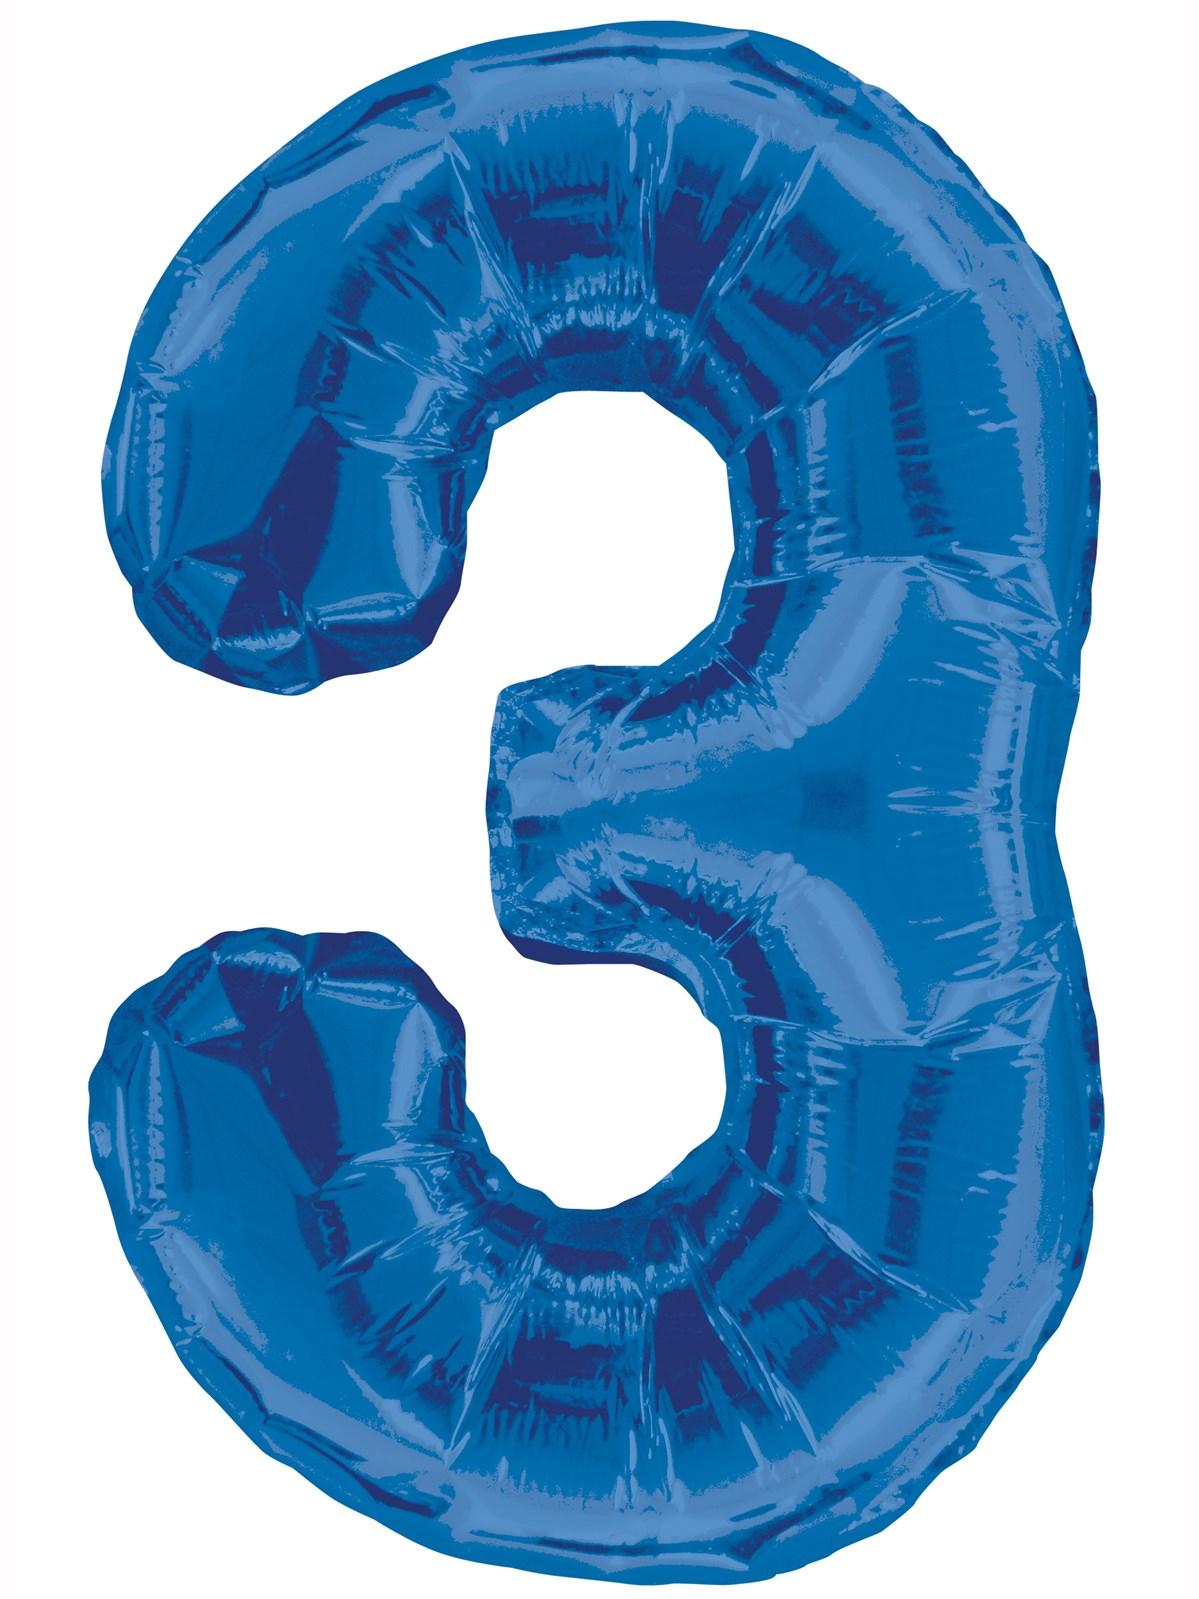 Folieballong 86cm siffra blå 3  49kr